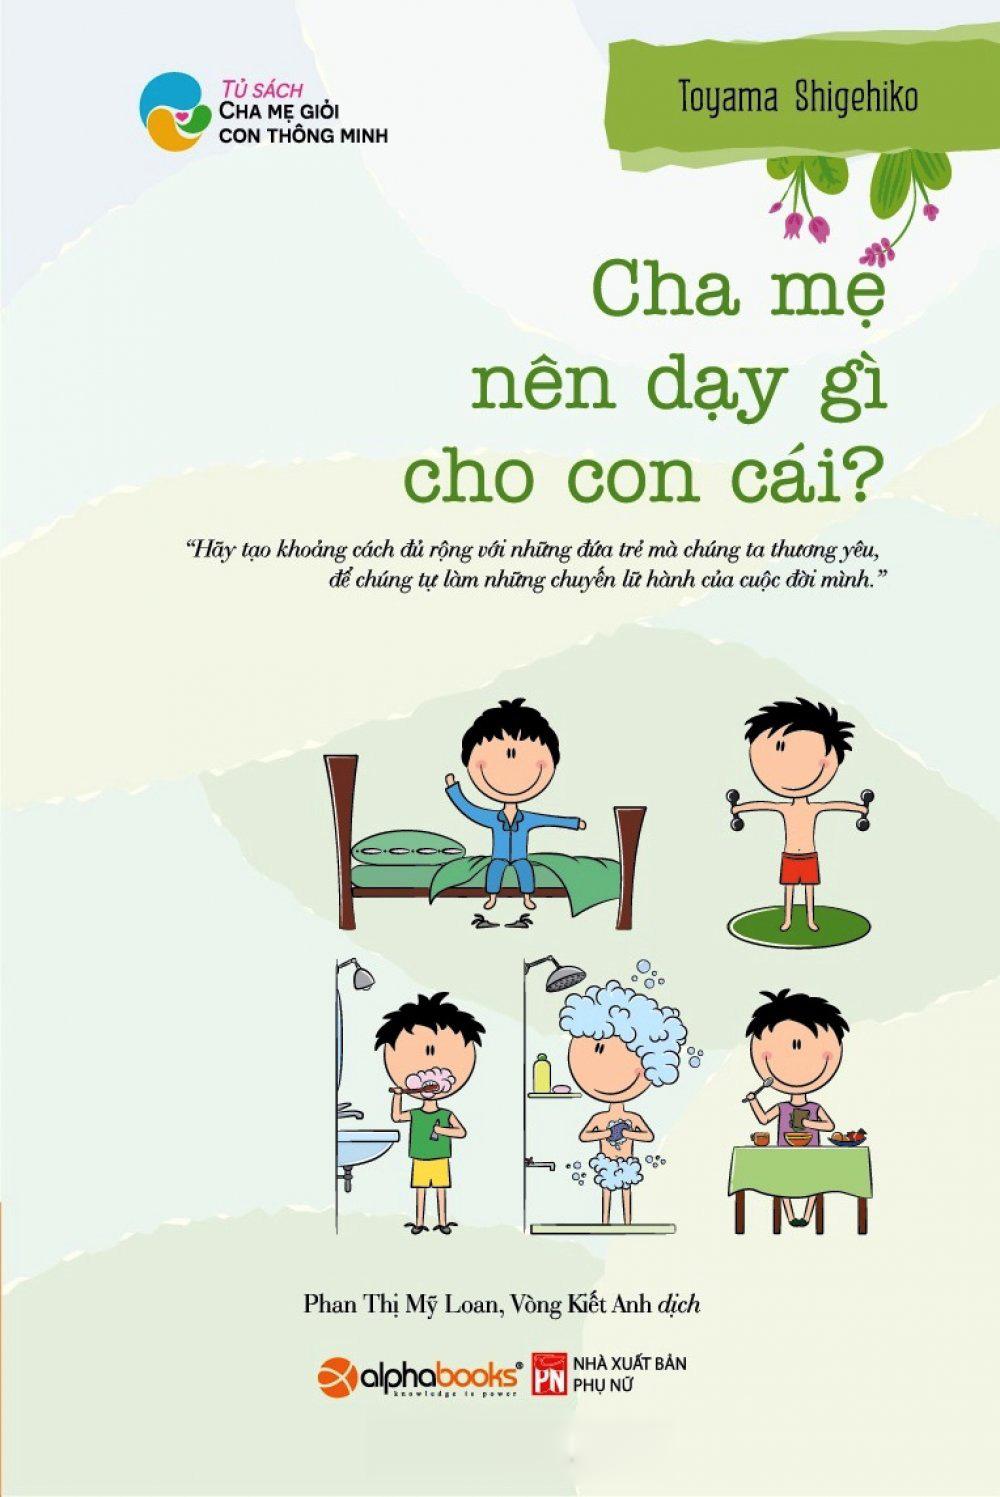 Cha Mẹ Nên Dạy Gì Cho Con Cái? - 3106607648144,62_272061,64000,tiki.vn,Cha-Me-Nen-Day-Gi-Cho-Con-Cai-62_272061,Cha Mẹ Nên Dạy Gì Cho Con Cái?